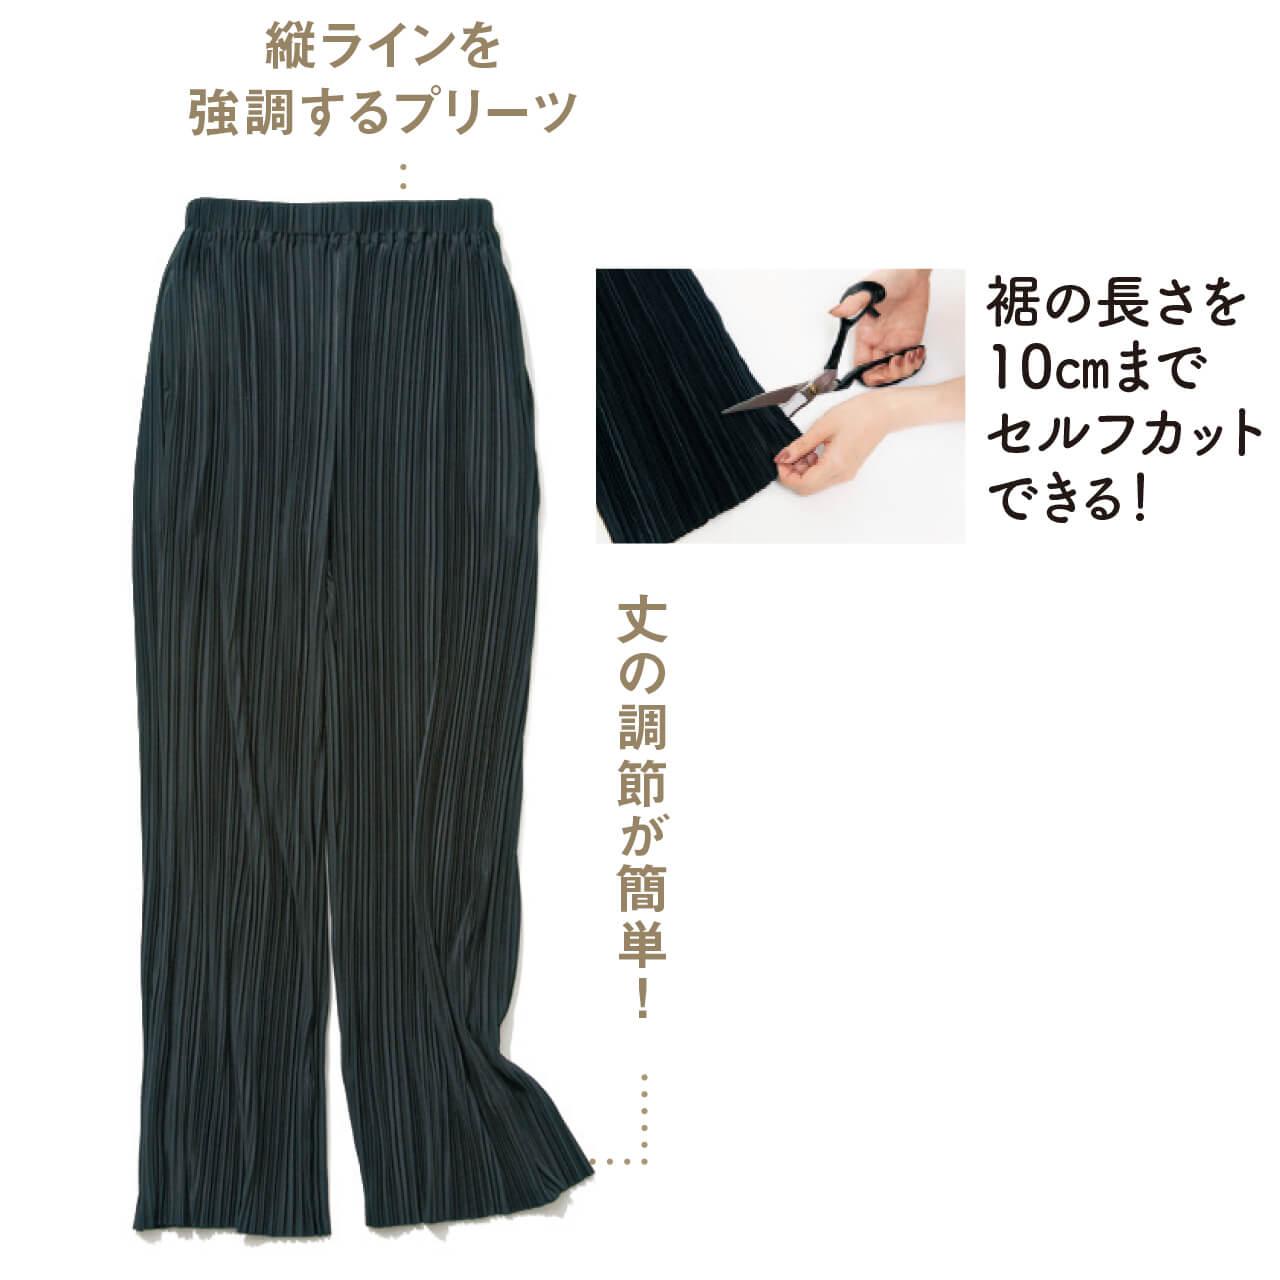 縦ラインを 強調するプリーツ 丈の調節が簡単! 裾の長さを10cmまで セルフカットできる!